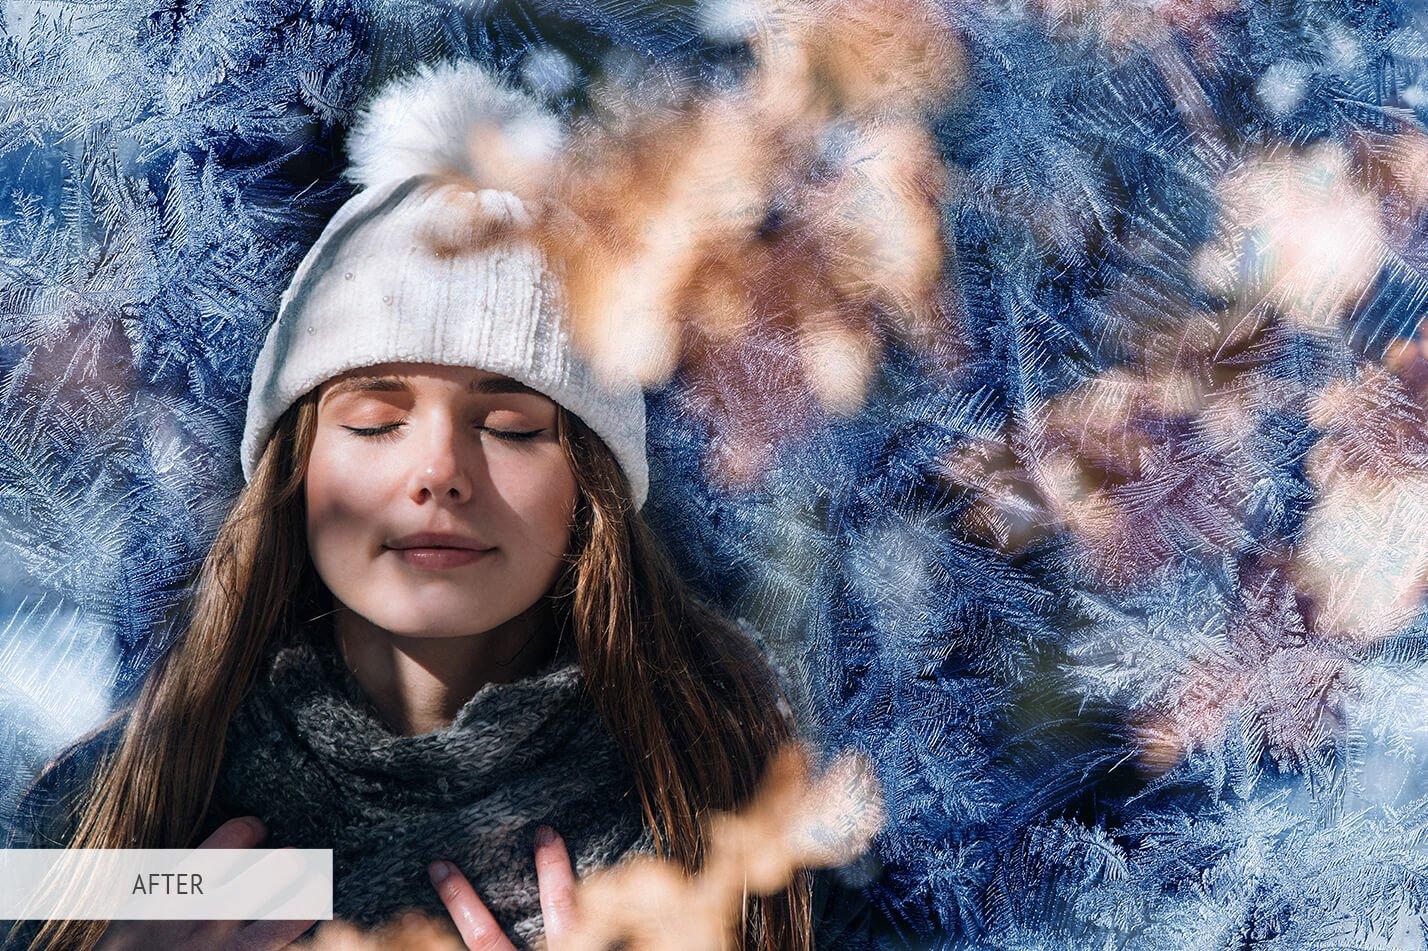 30款高清冬季冰雪PS叠加层背景图片素材 Ice Photoshop Overlays插图(16)